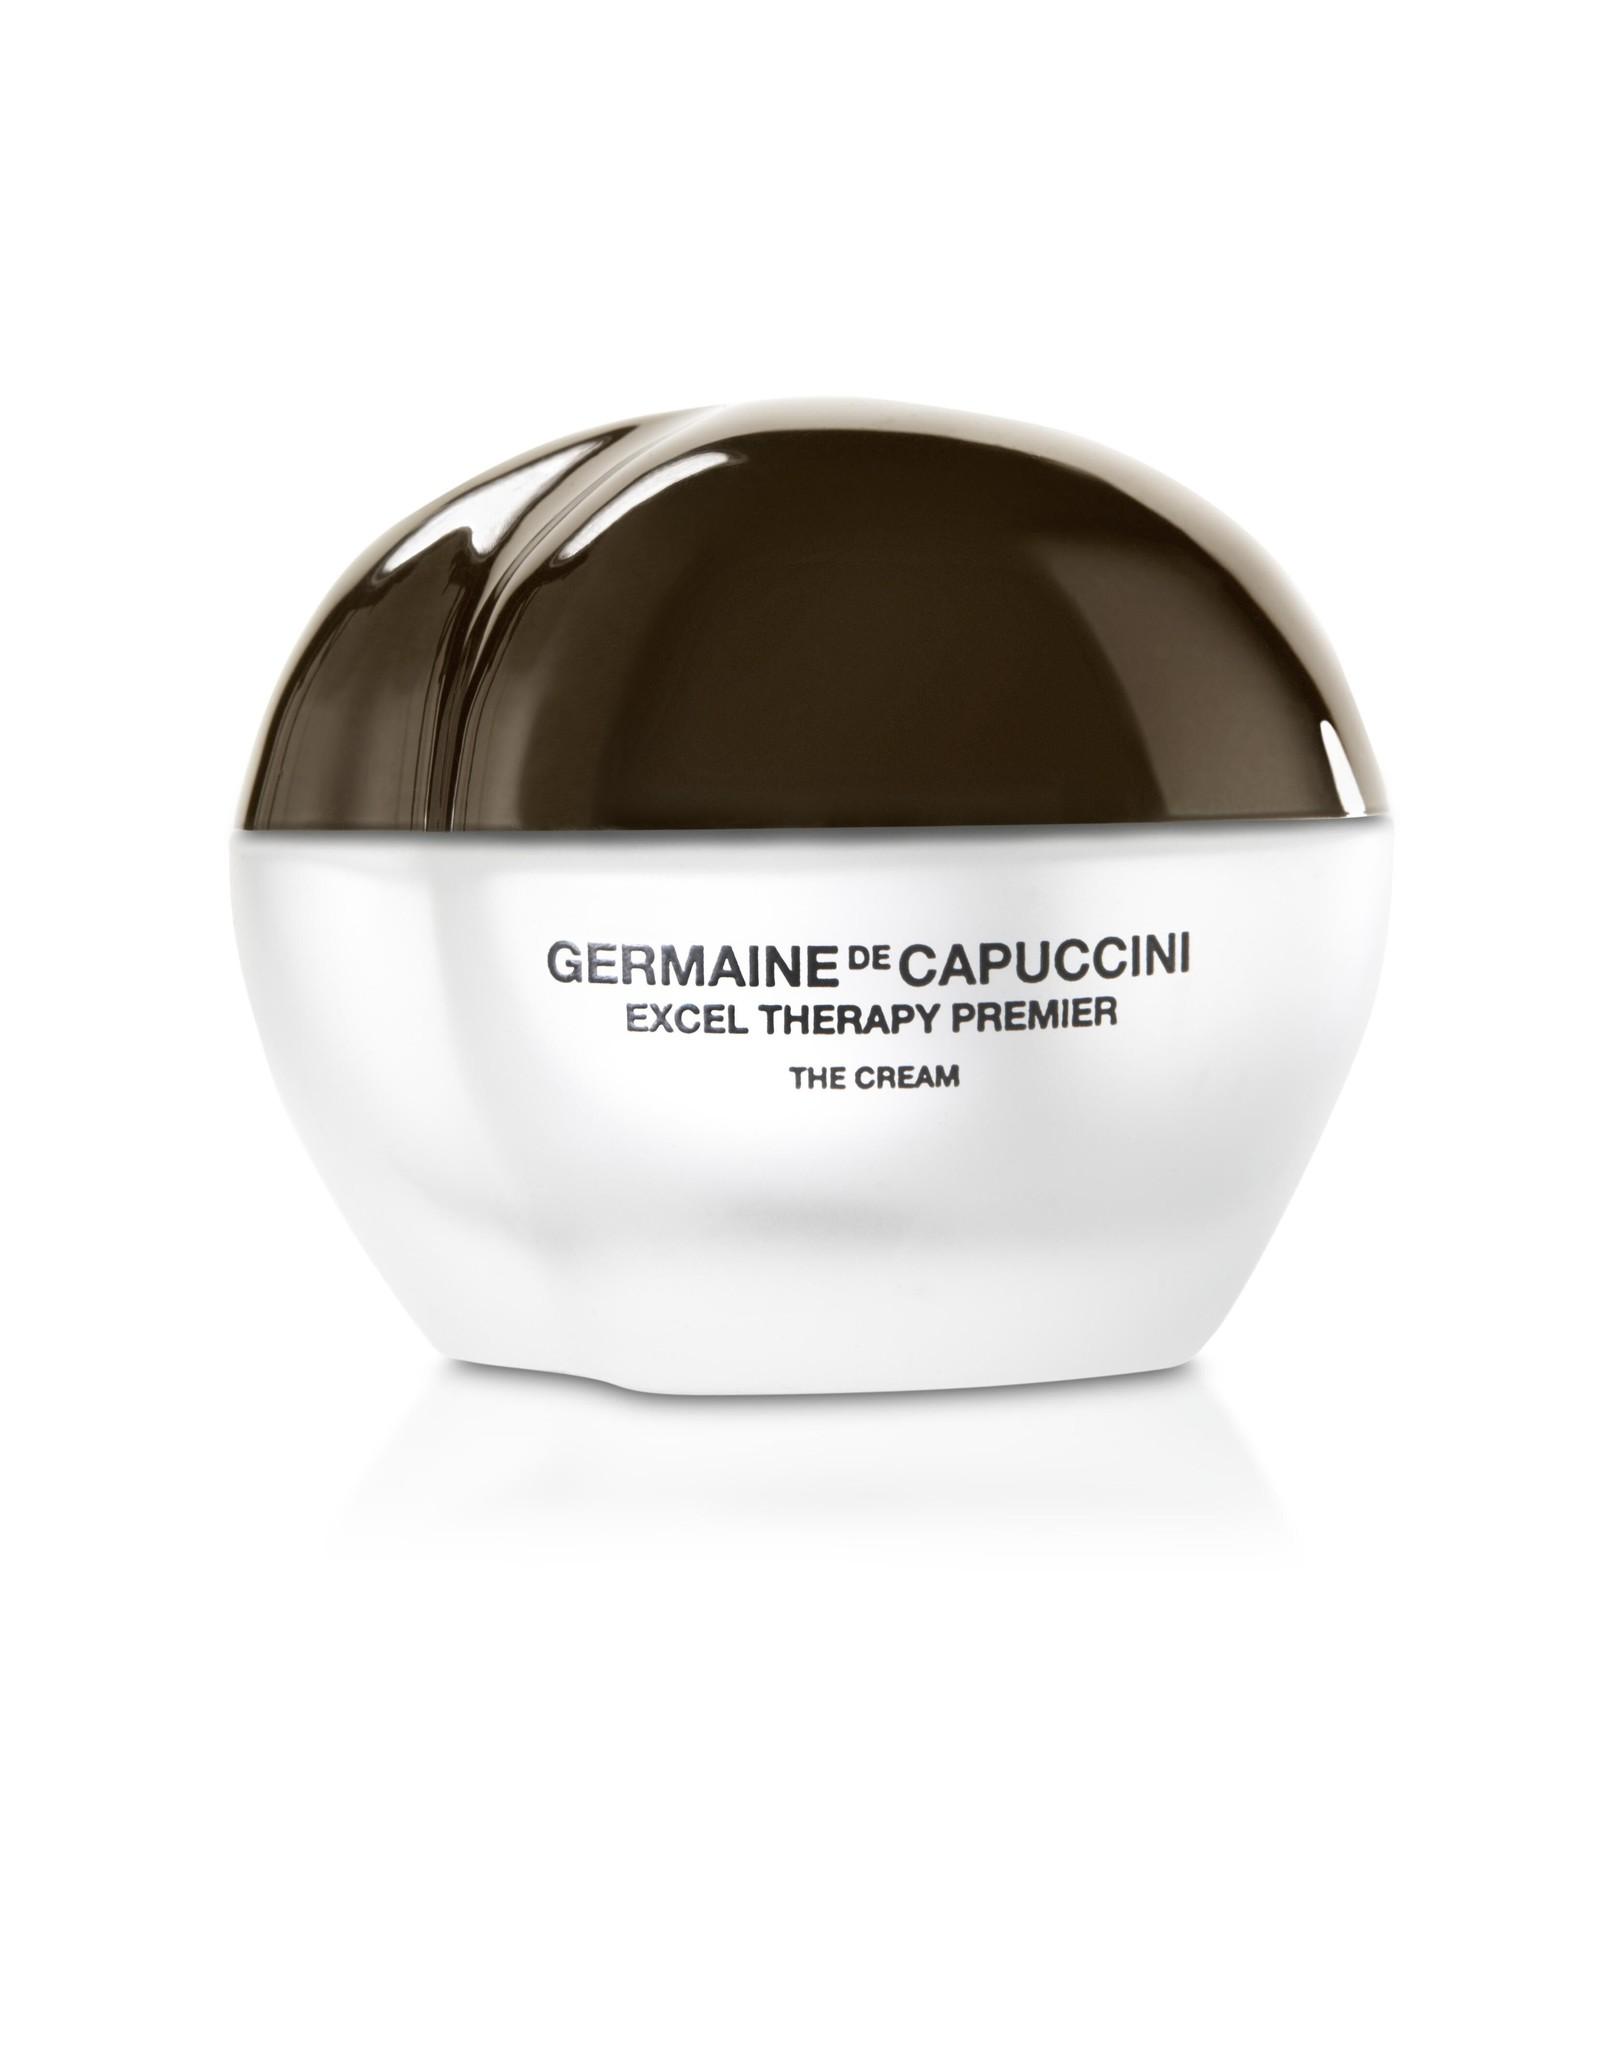 Germaine de Cappucini The Cream